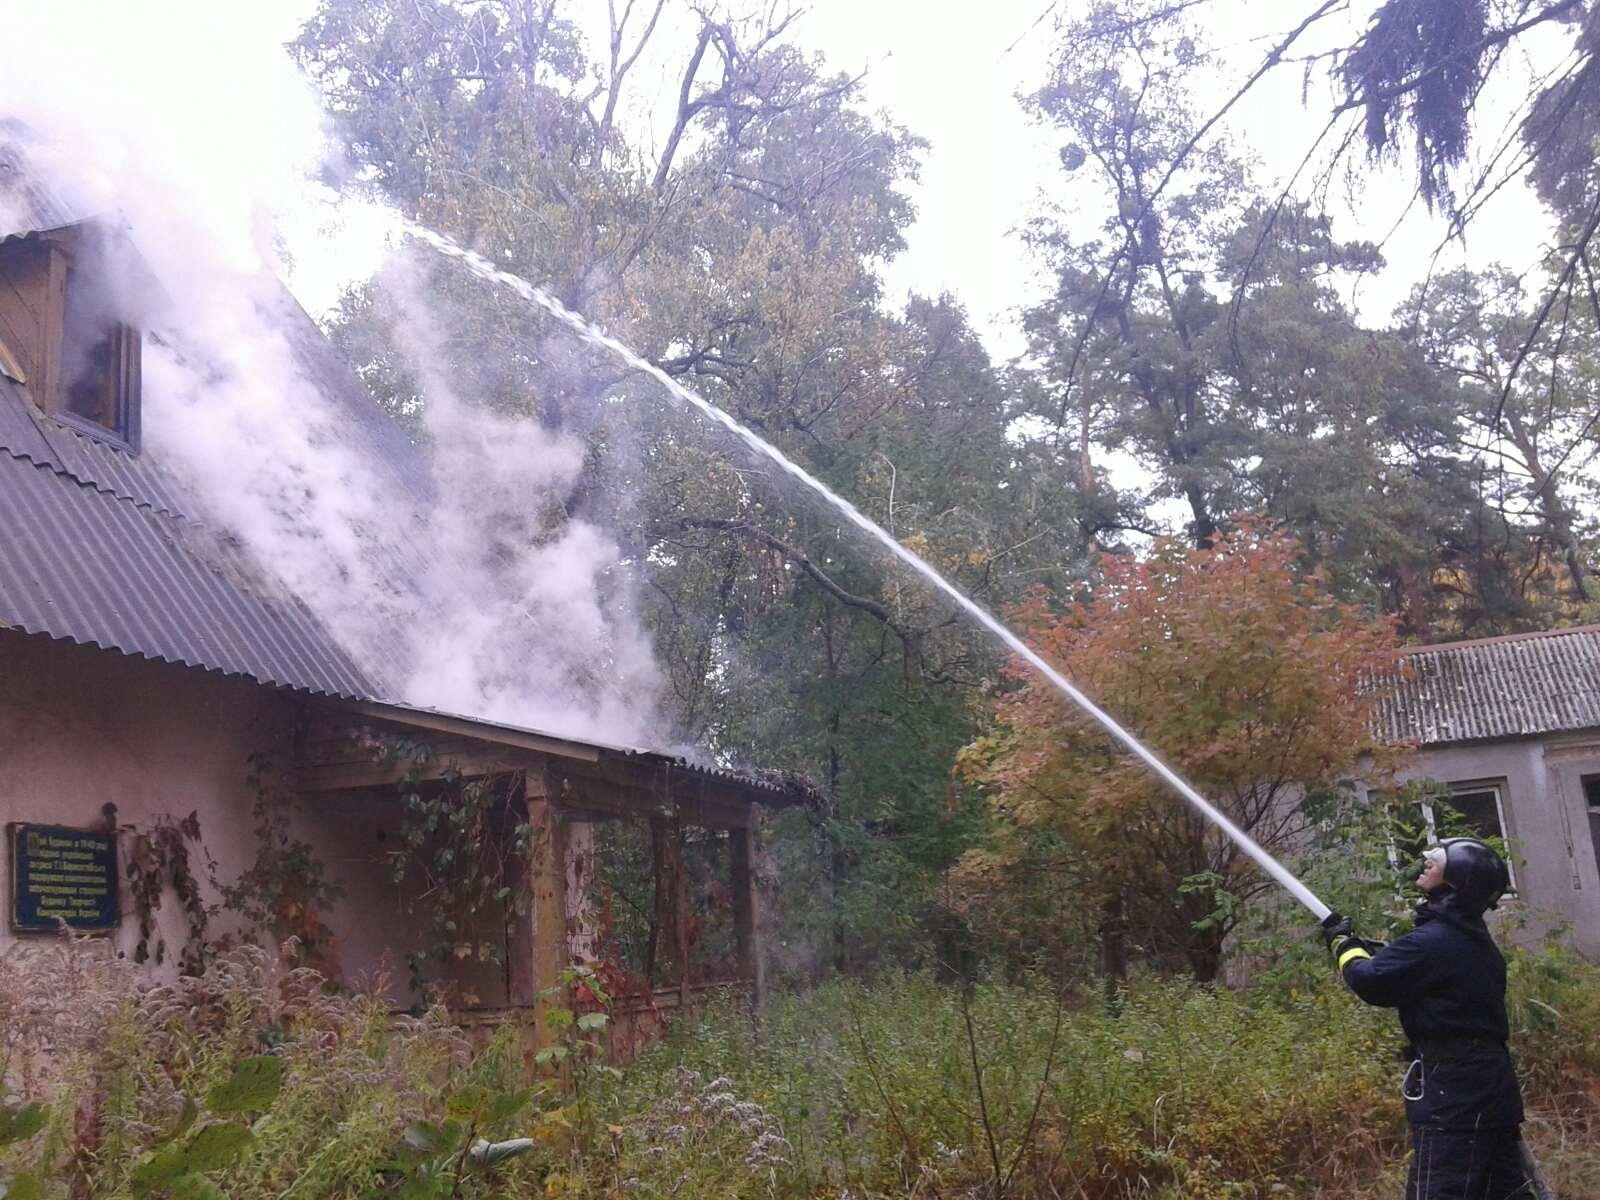 Пожежу у Ворзелі гасили 7 осіб та 3 машини -  - 0 02 04 101a305e605449d8c663c5bf01ec6ddb4ff30b14984f05d0fc5f0c6484dcf257 e546c7f9